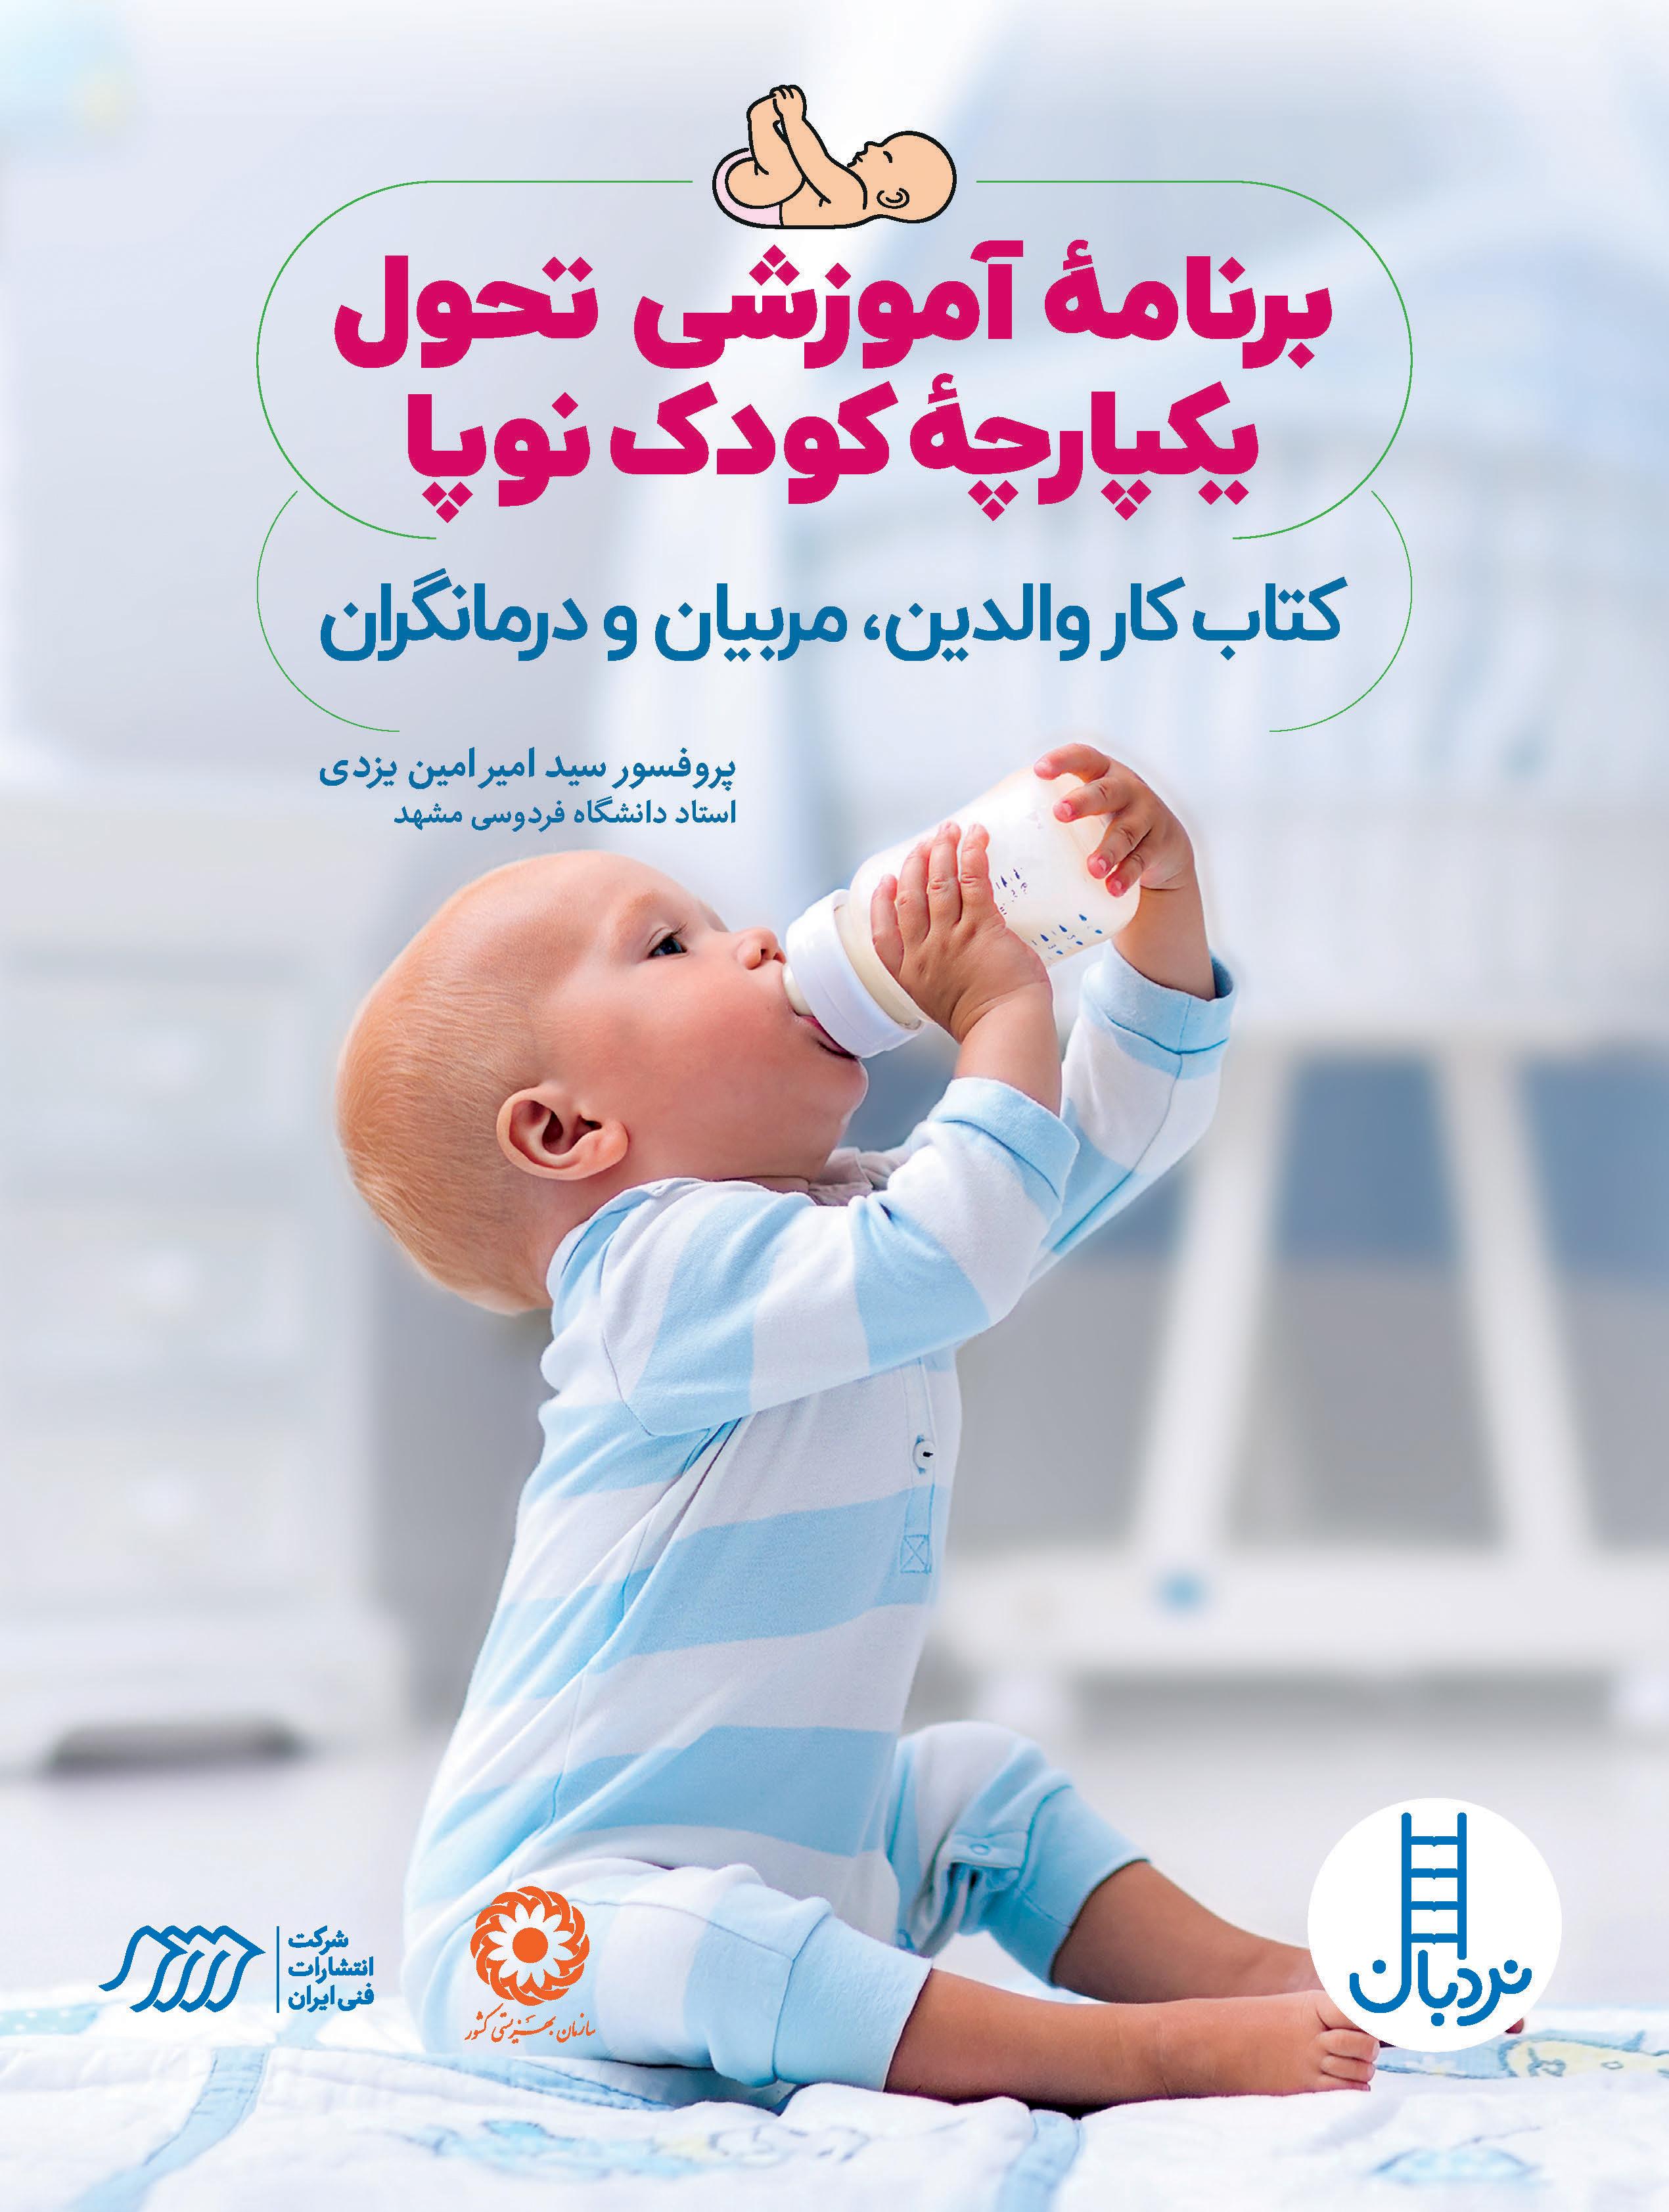 برنامه آموزشی تحول یکپارچهی کودک نوپا...